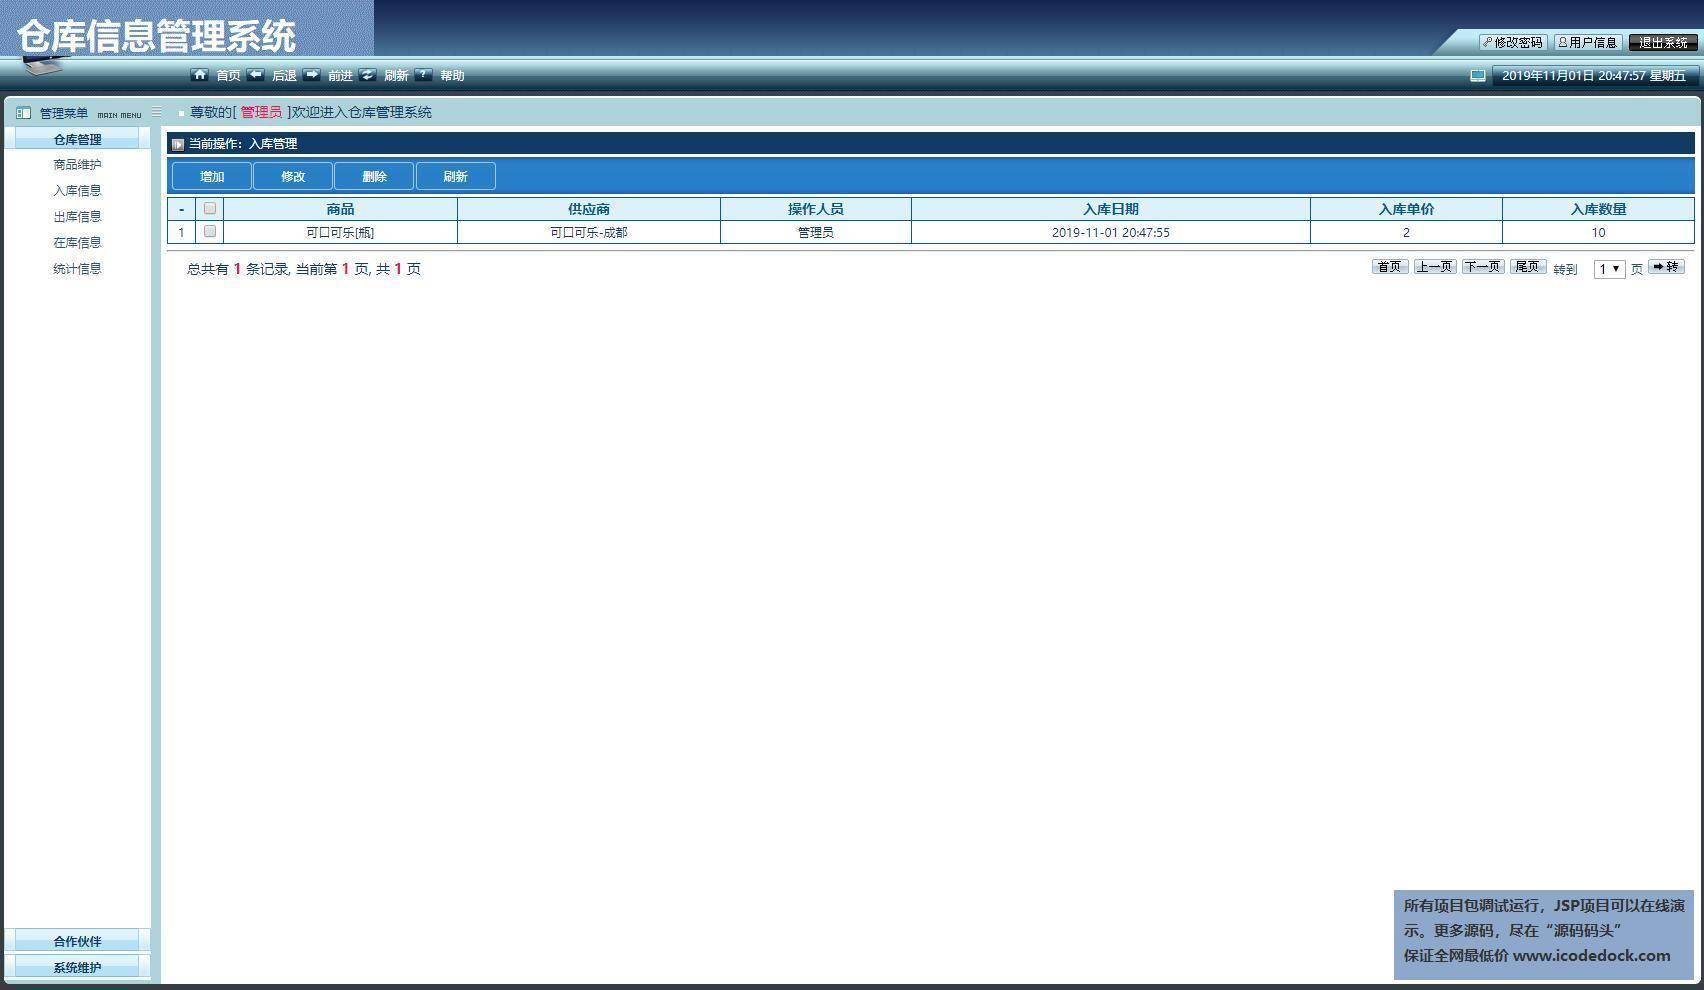 源码码头-SSH仓储管理系统-管理员角色-入库管理